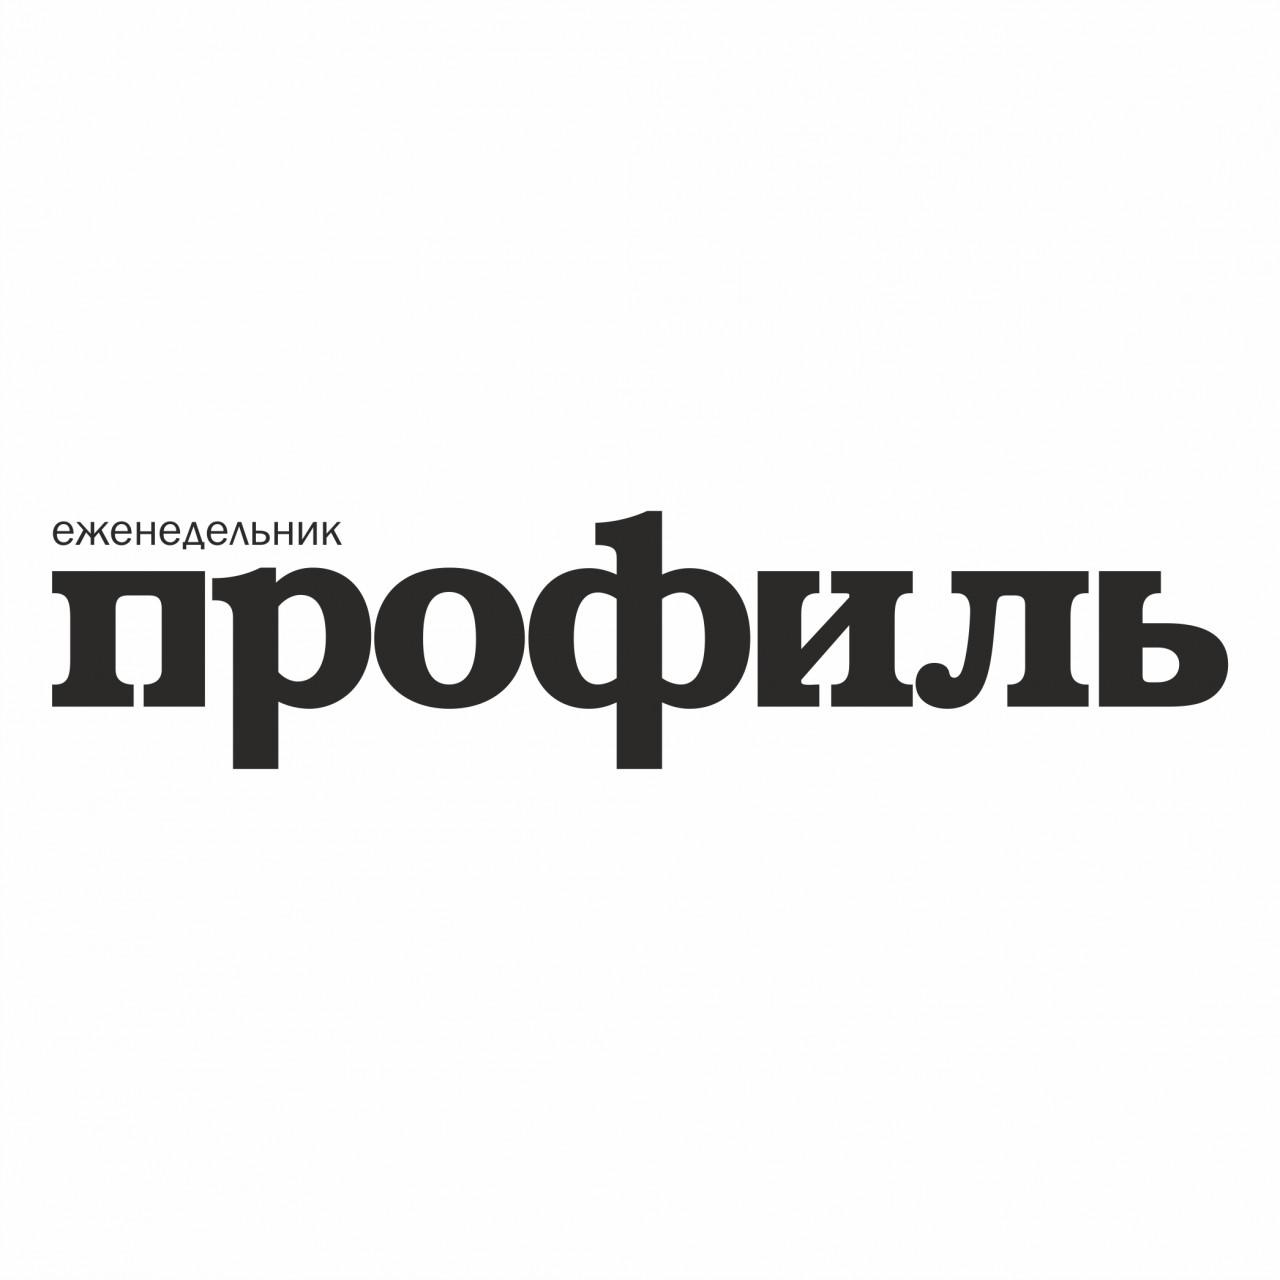 МВД упростит получение российского гражданства